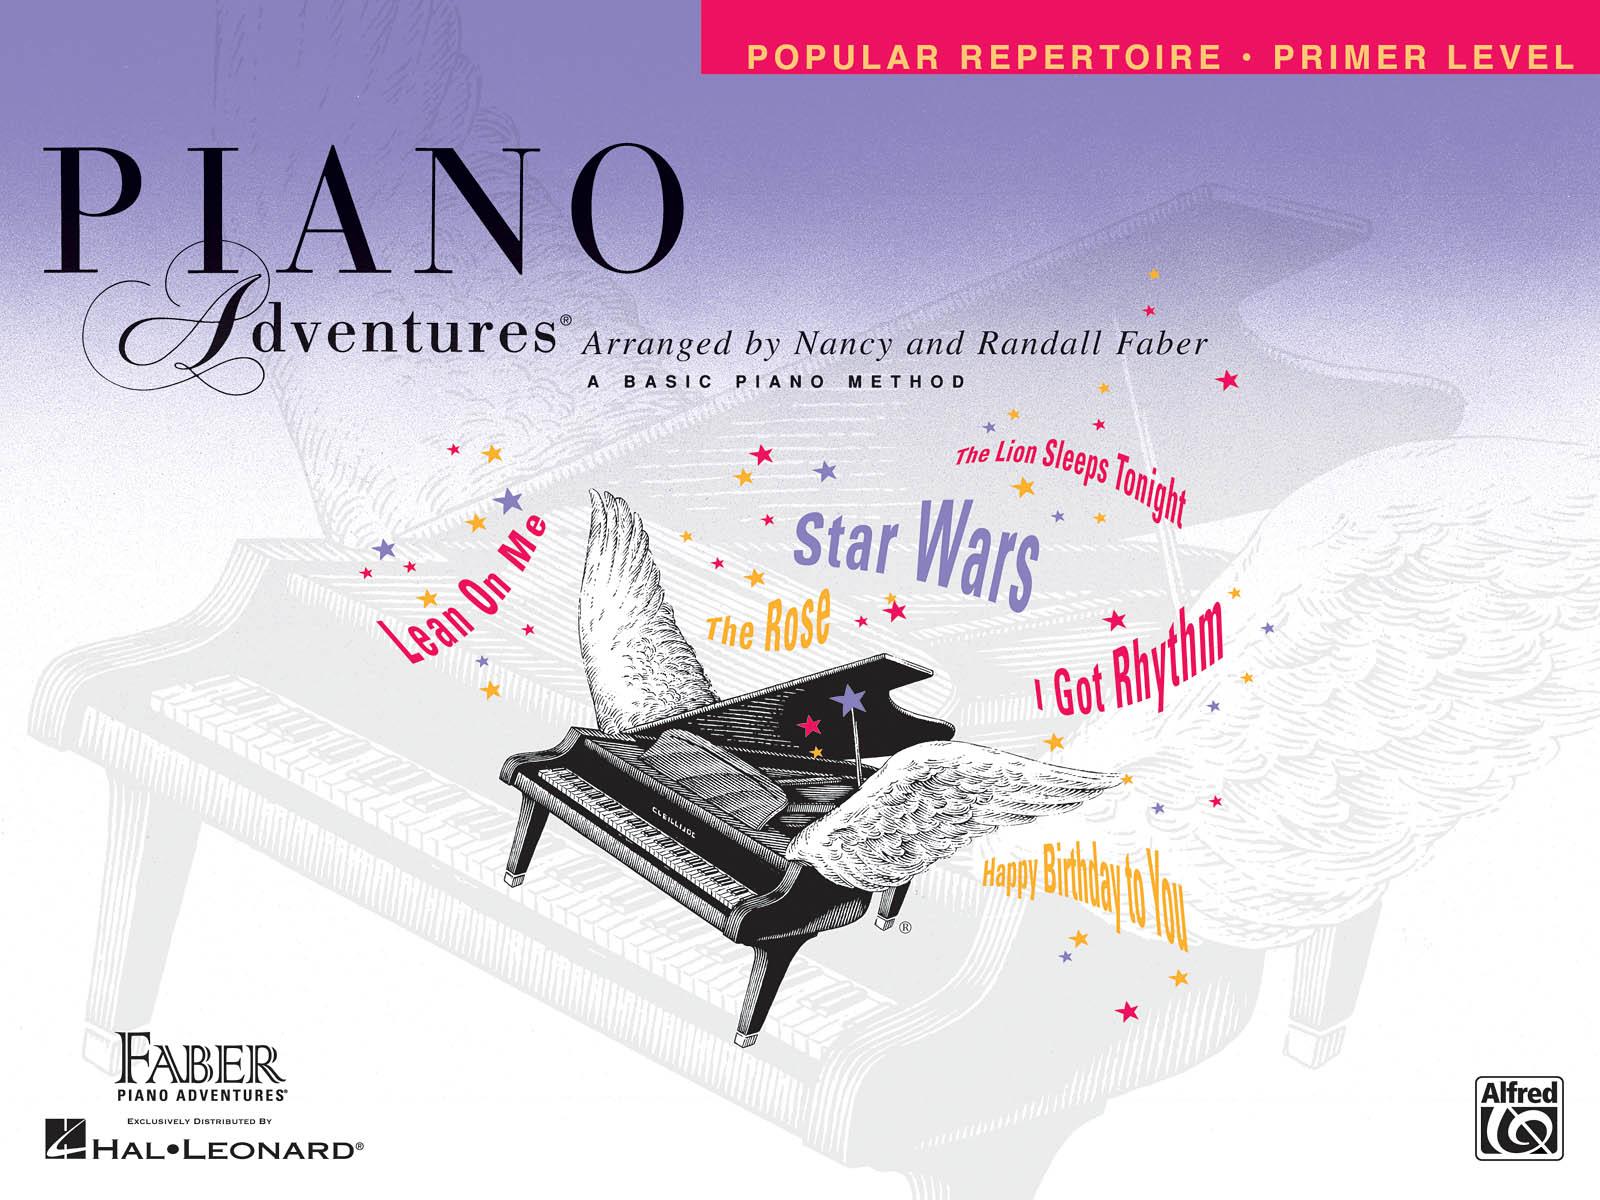 Faber Piano Adventures, Popular Repertoire, Primer Level